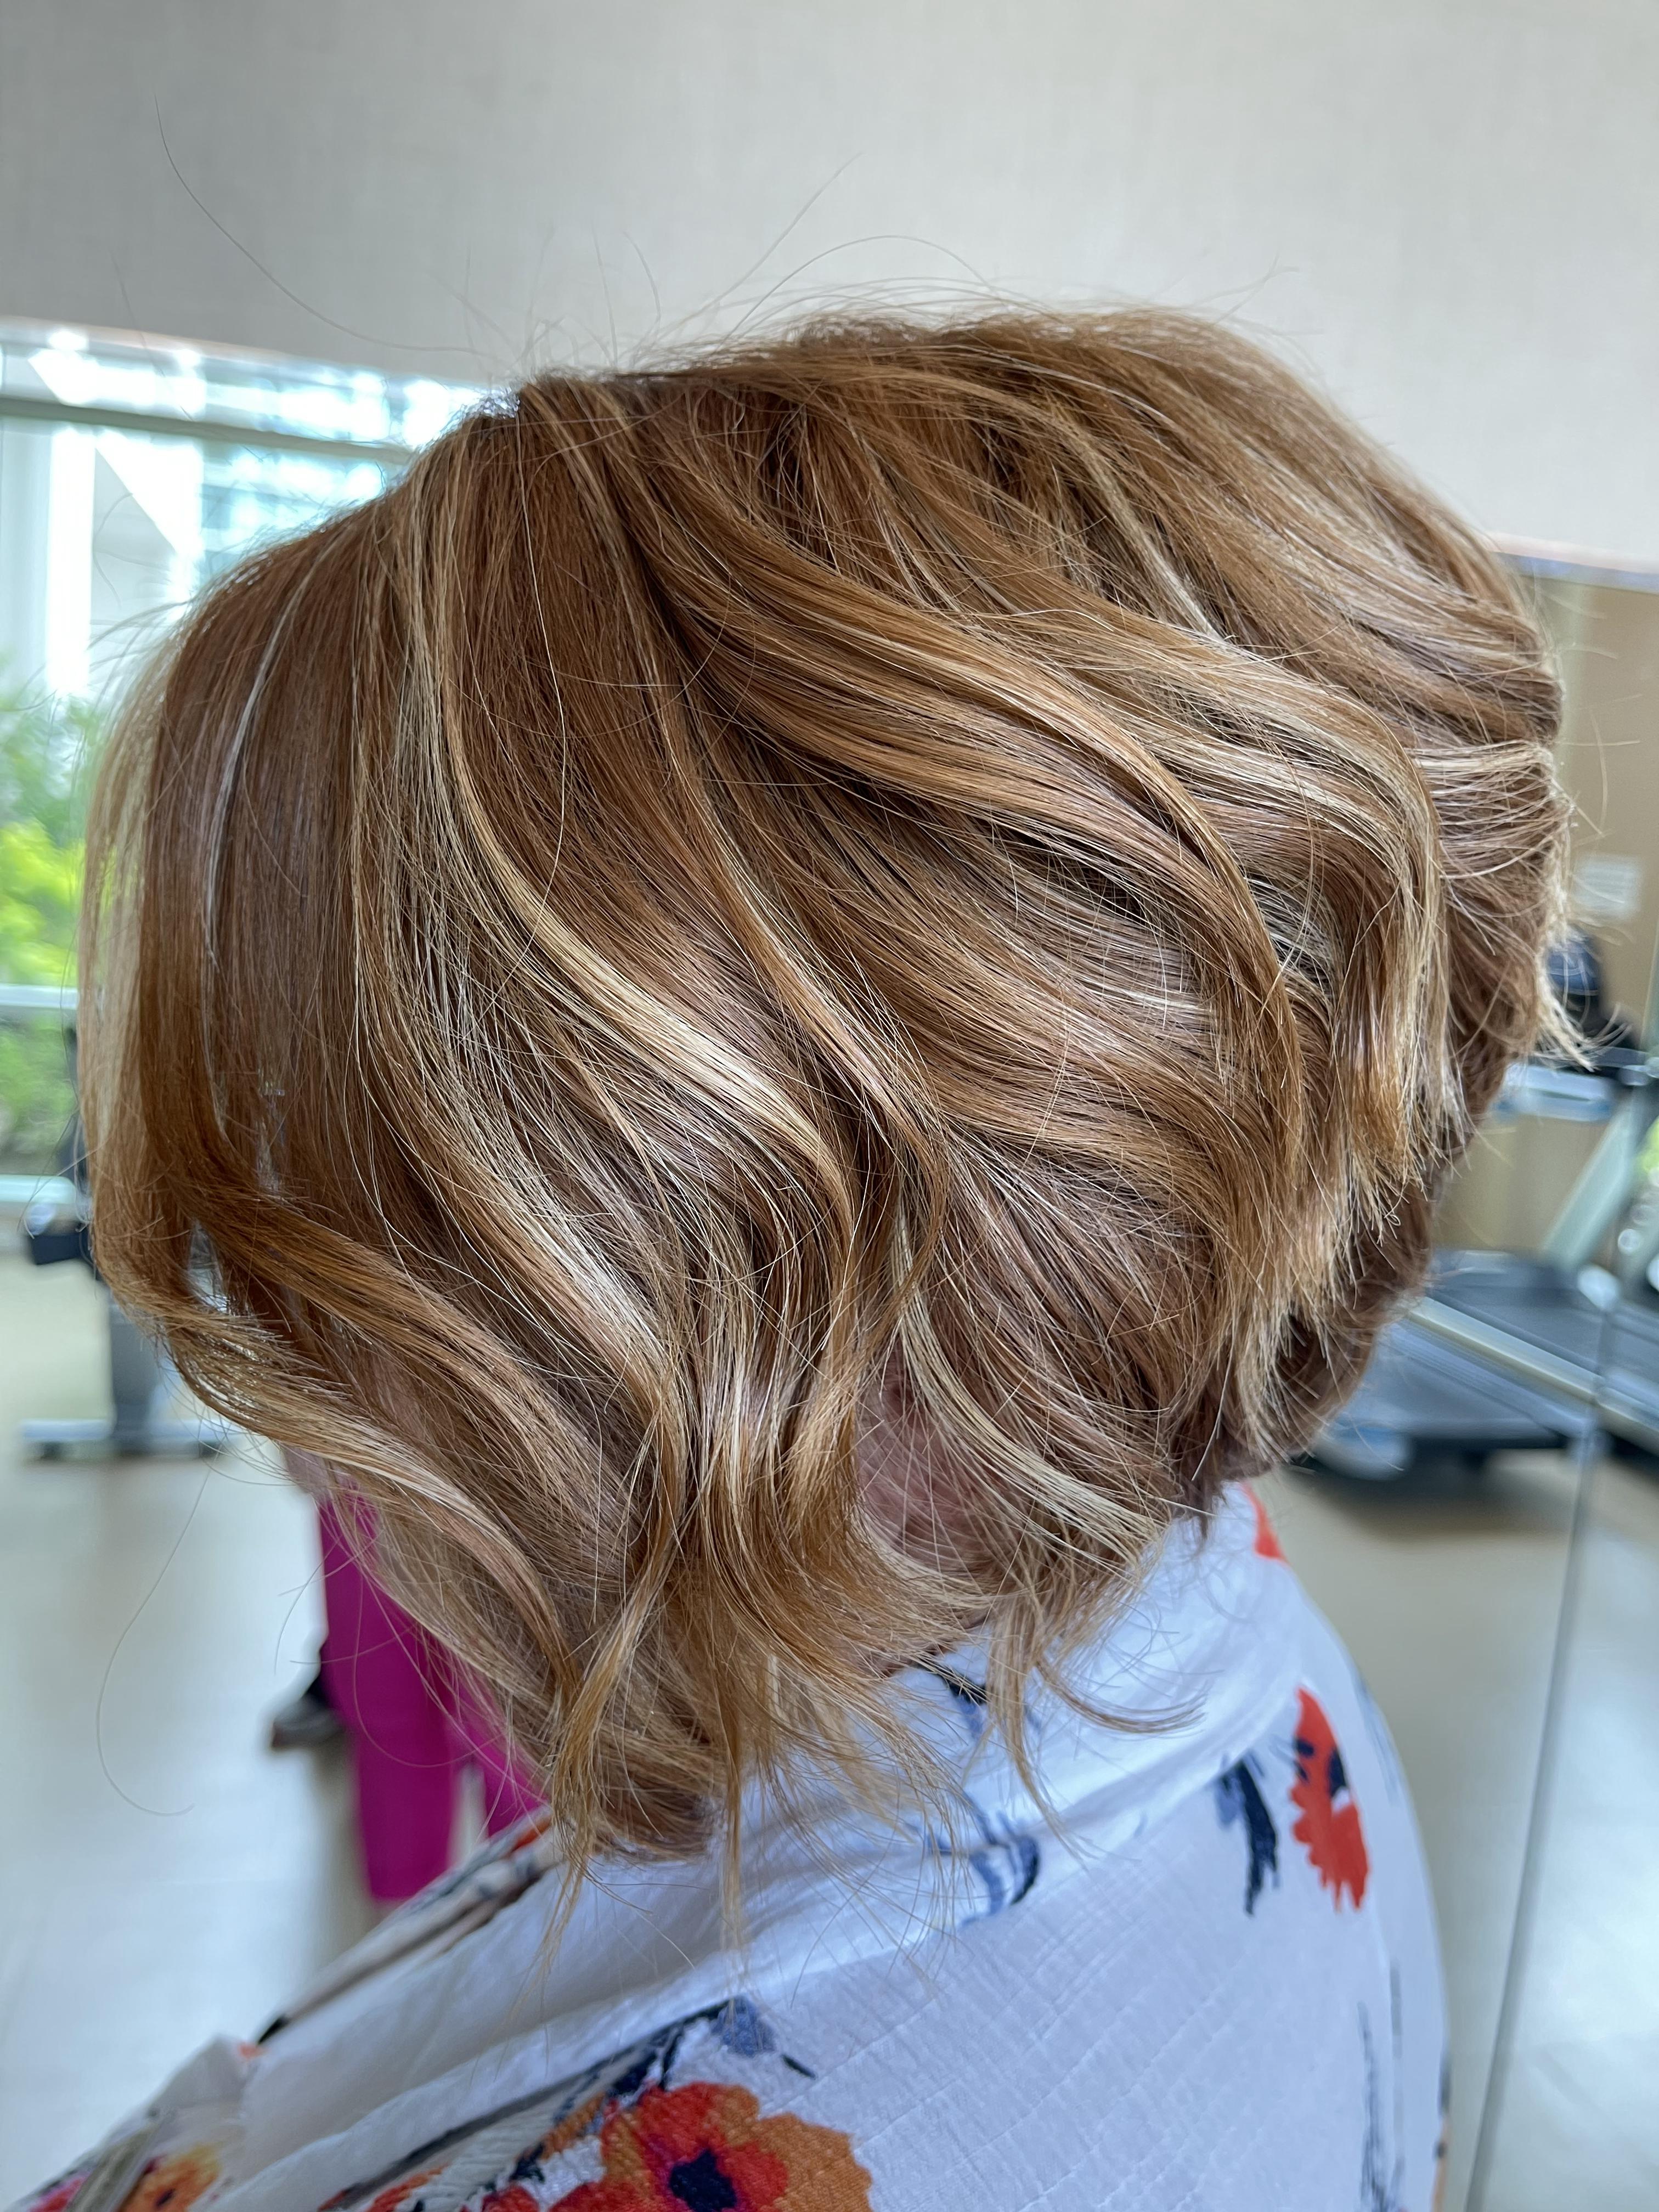 Hair Cut and Blowdry